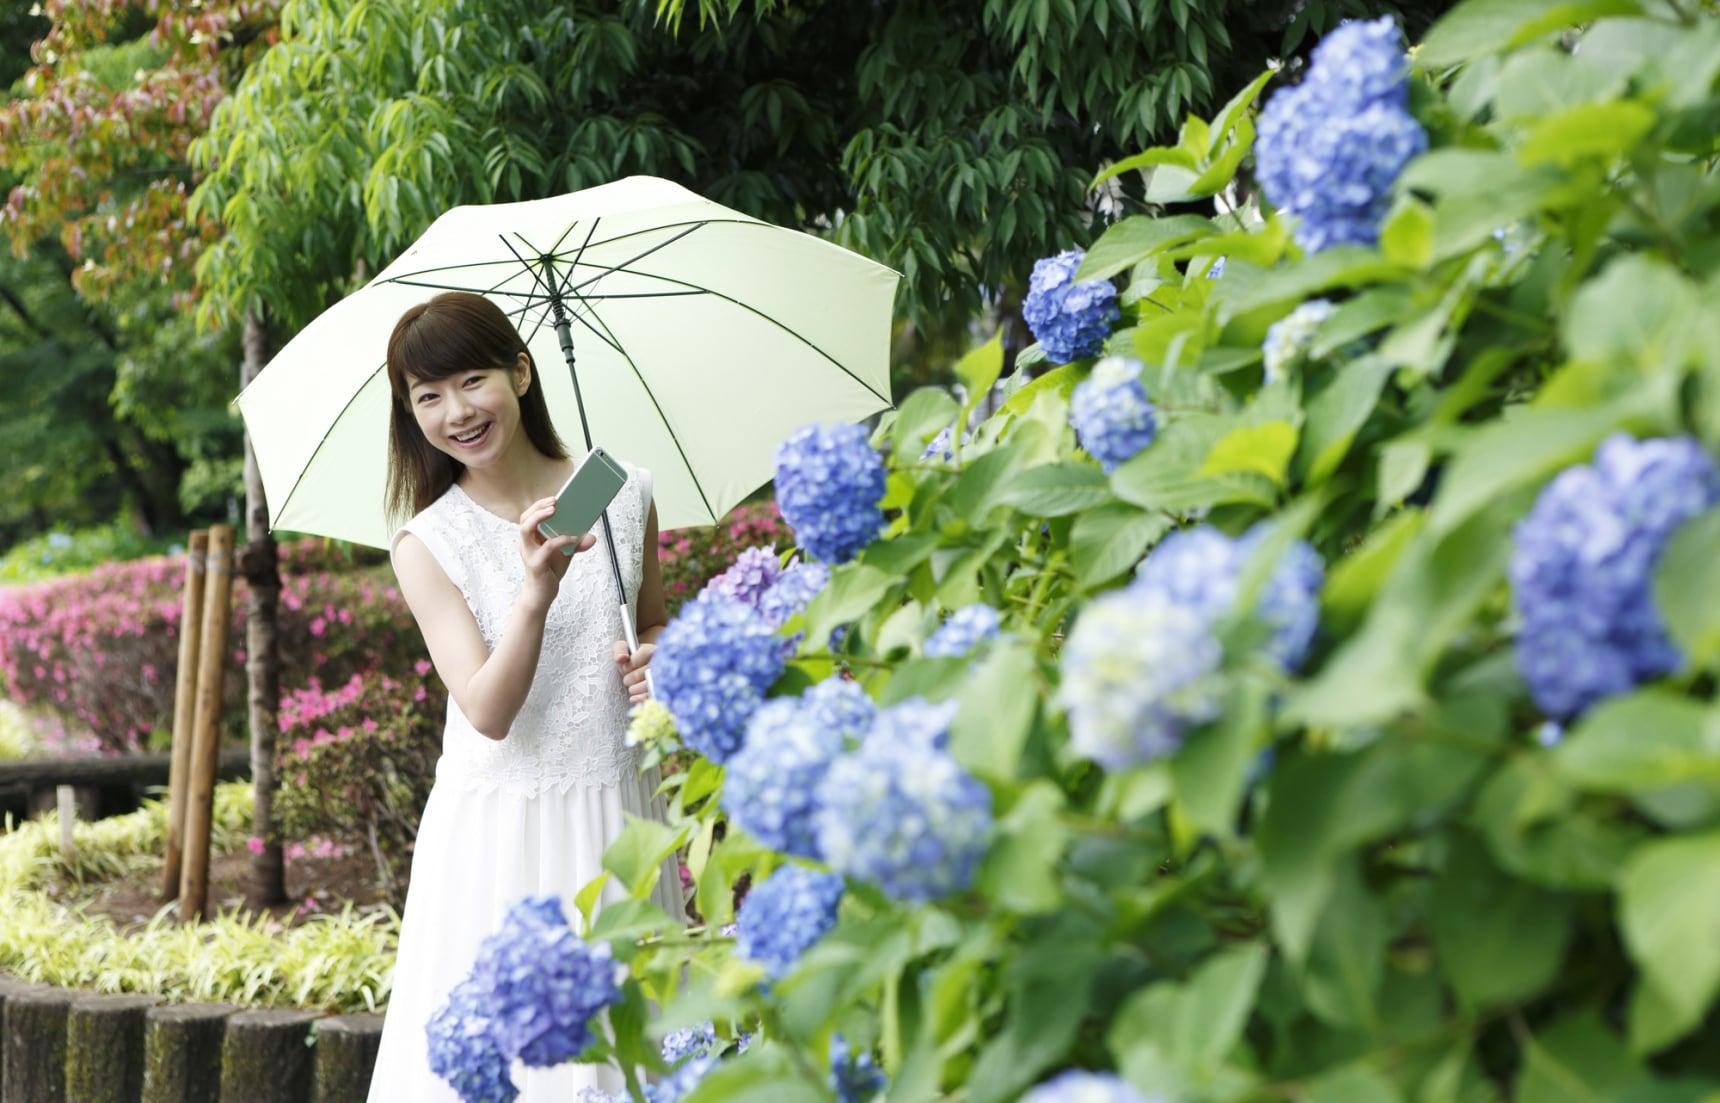 Rainy Season 101